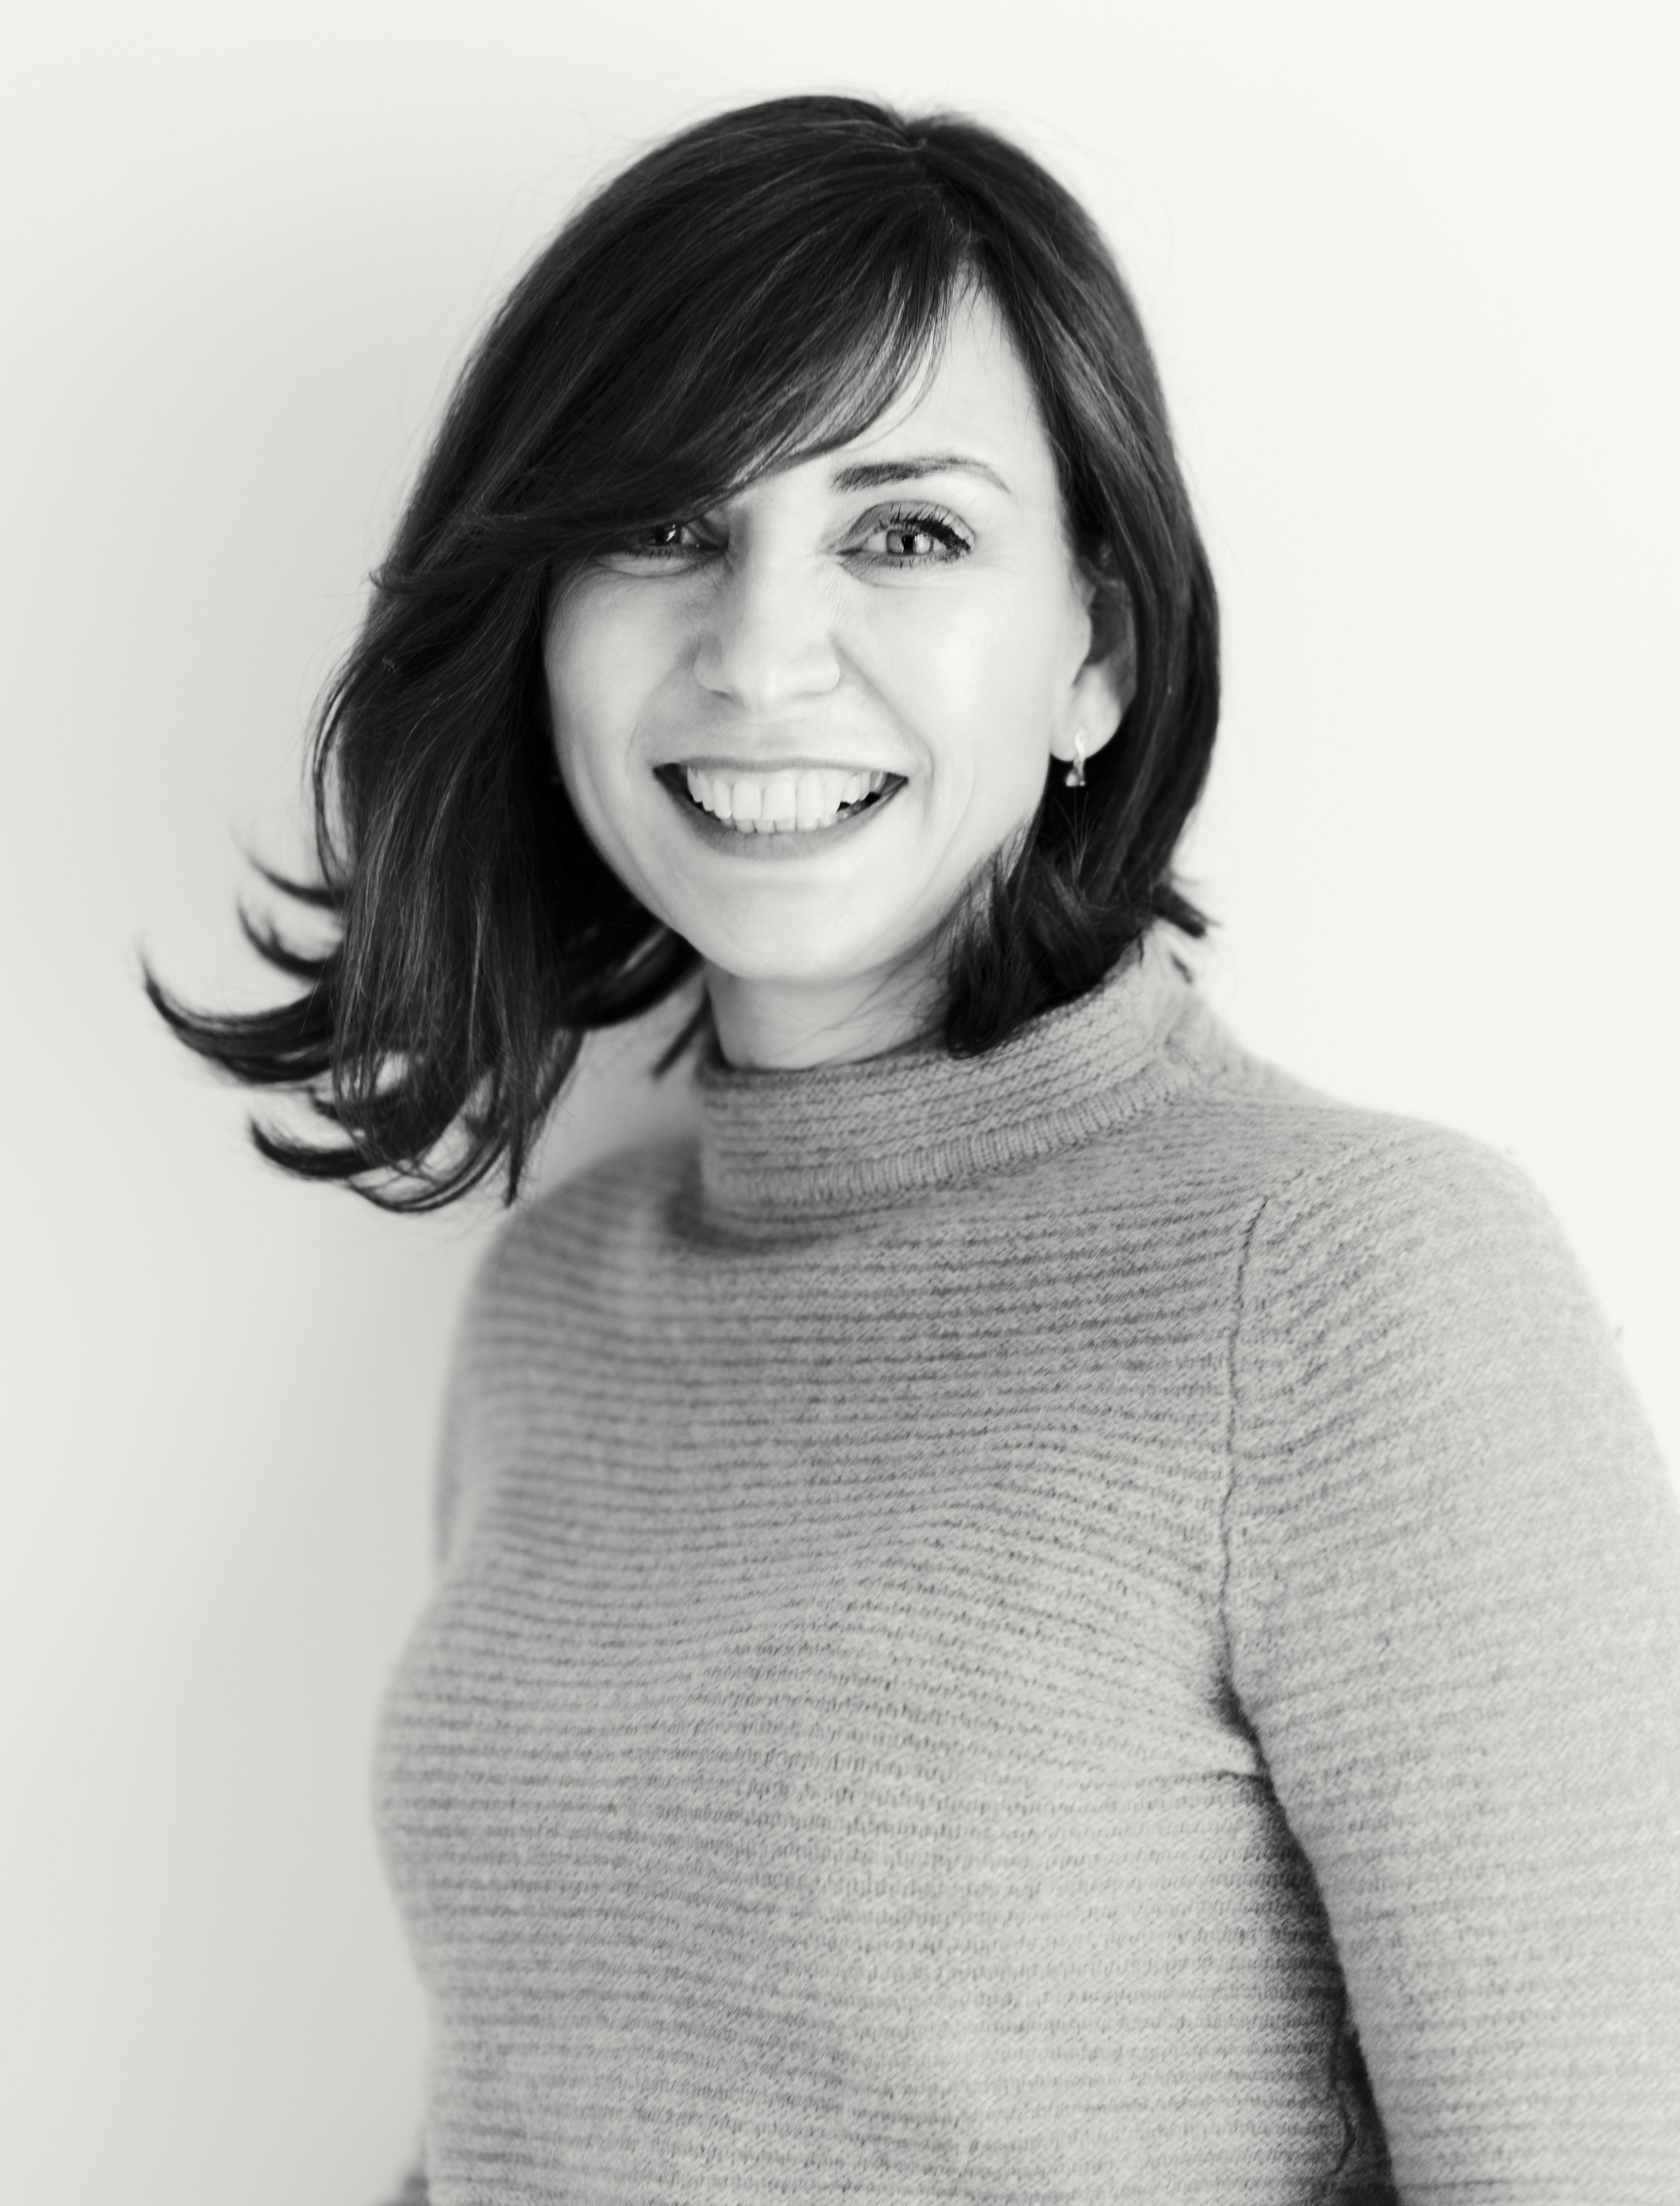 Tina Stubbs creator of Life's Little Bugs